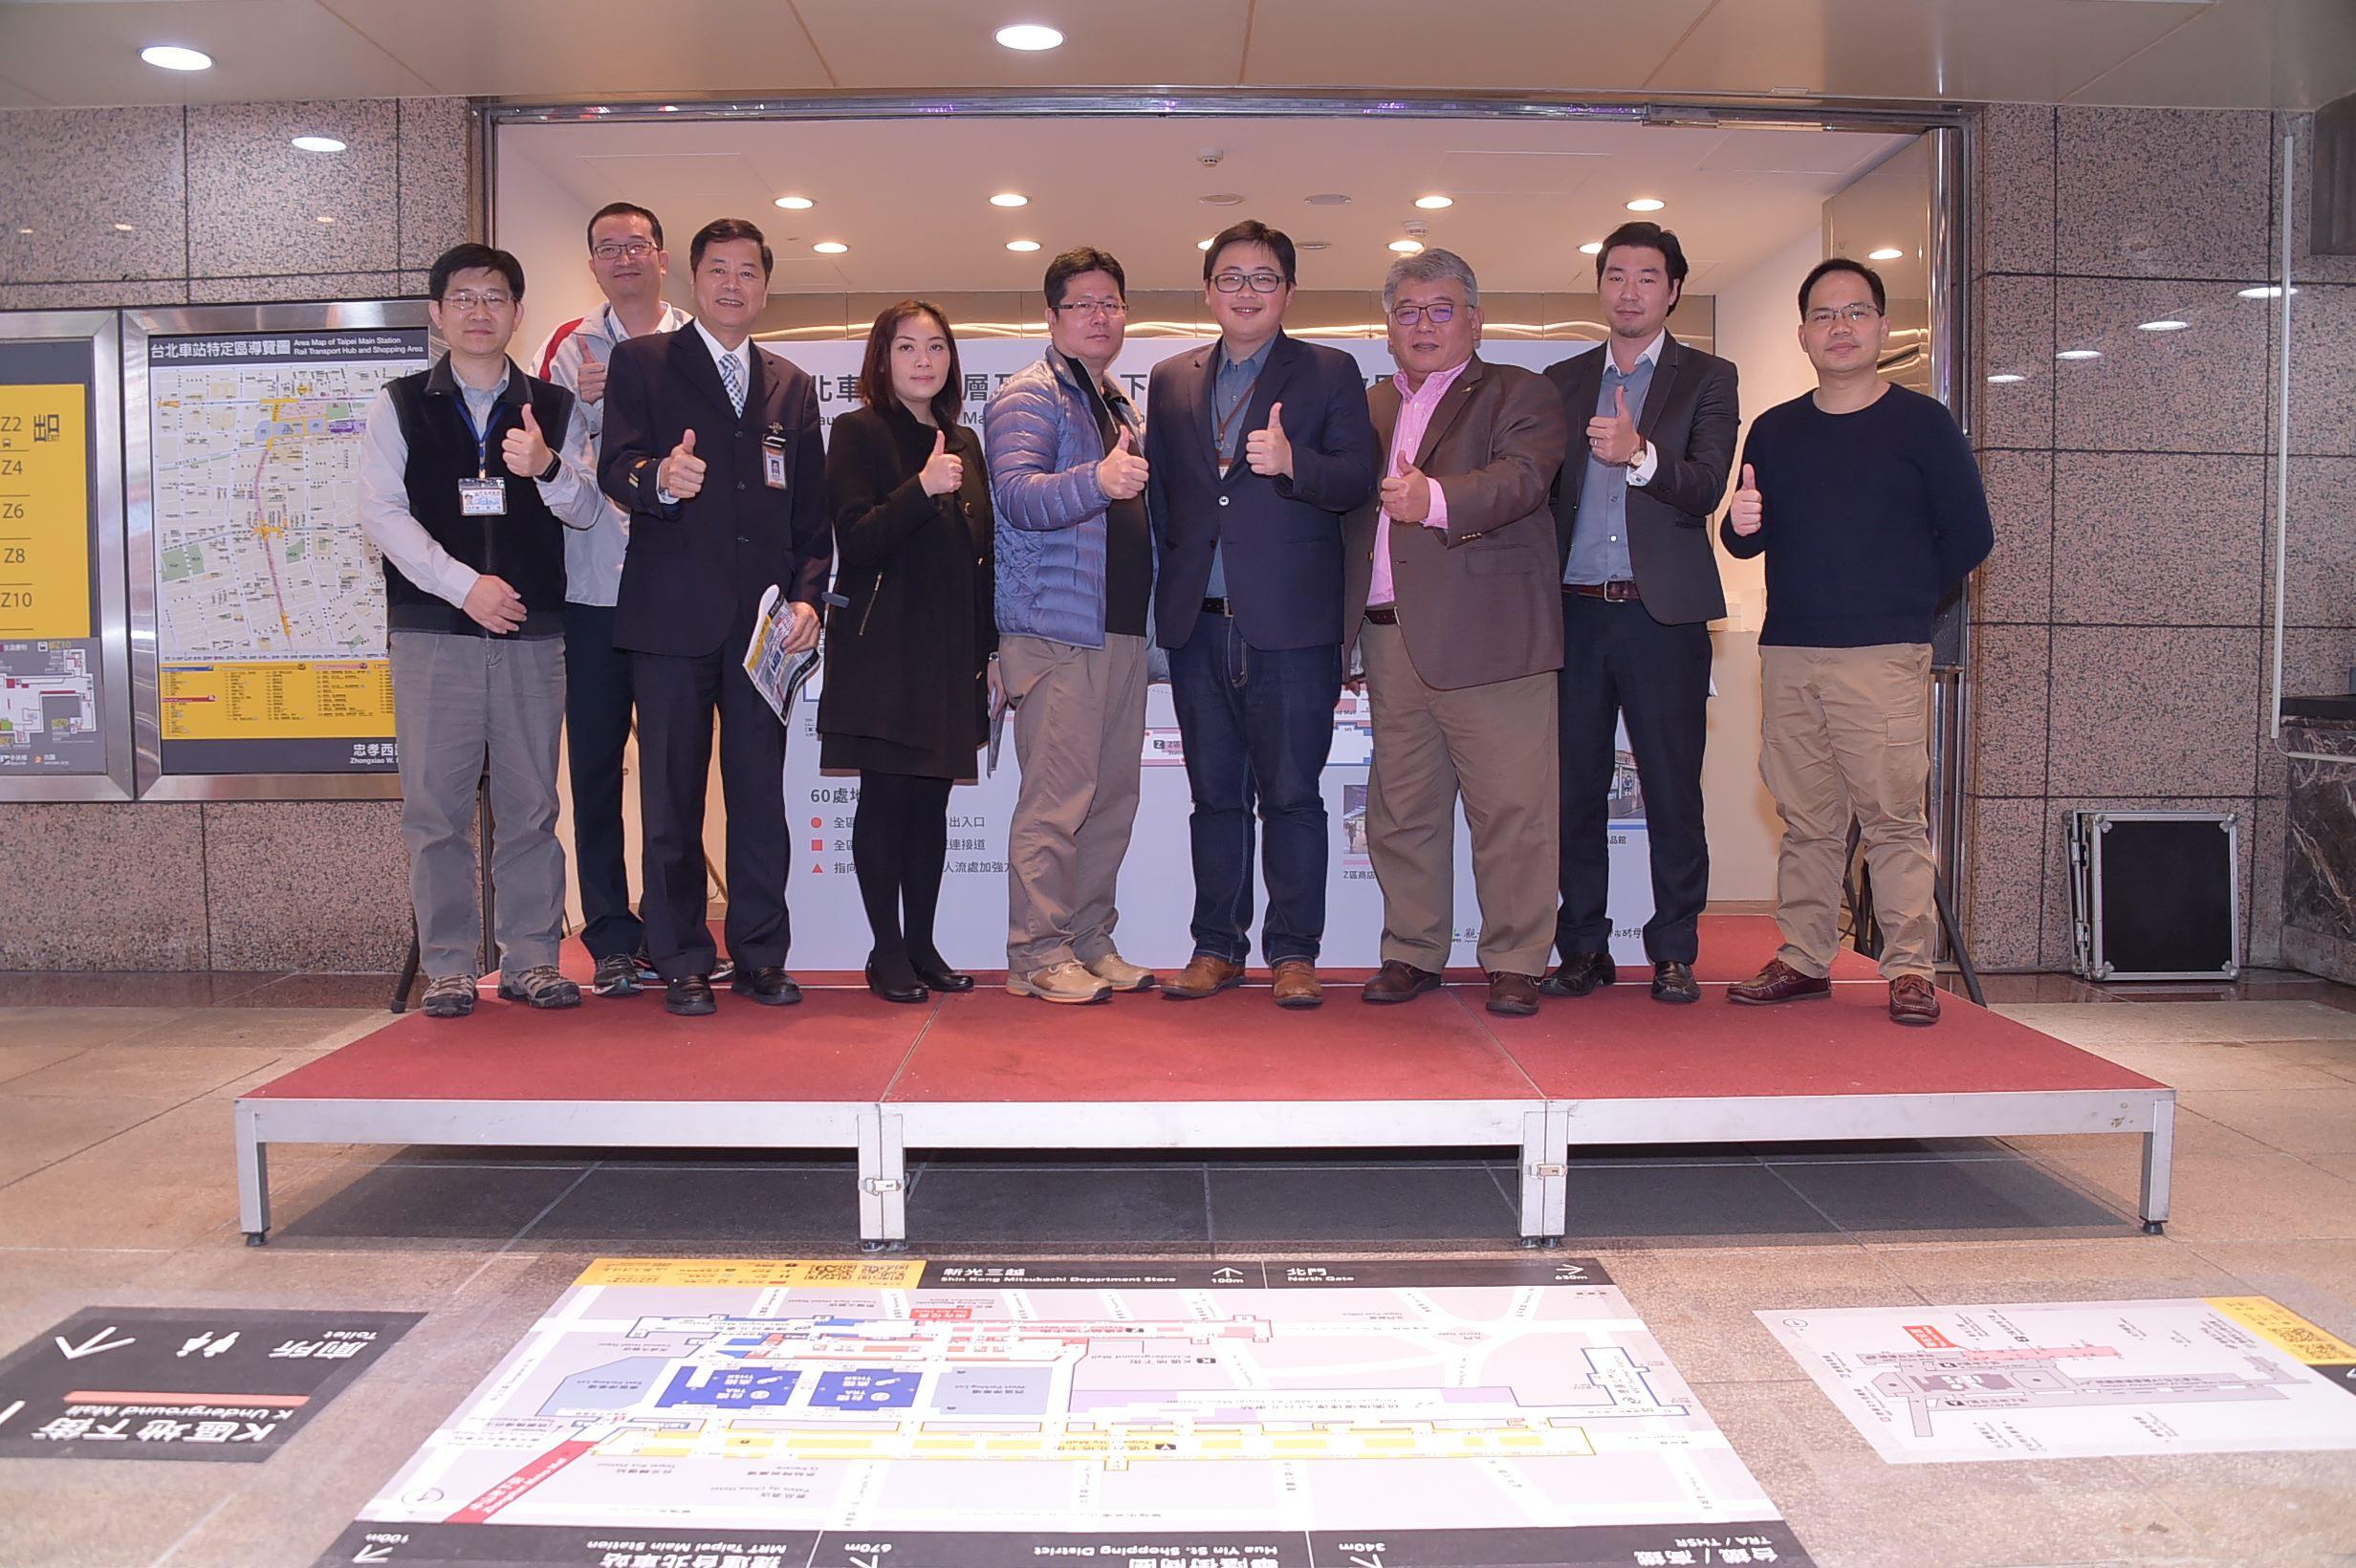 臺北市觀光傳播局局長劉奕霆(右四)與各合作單位一起向市民推薦地貼式地圖。